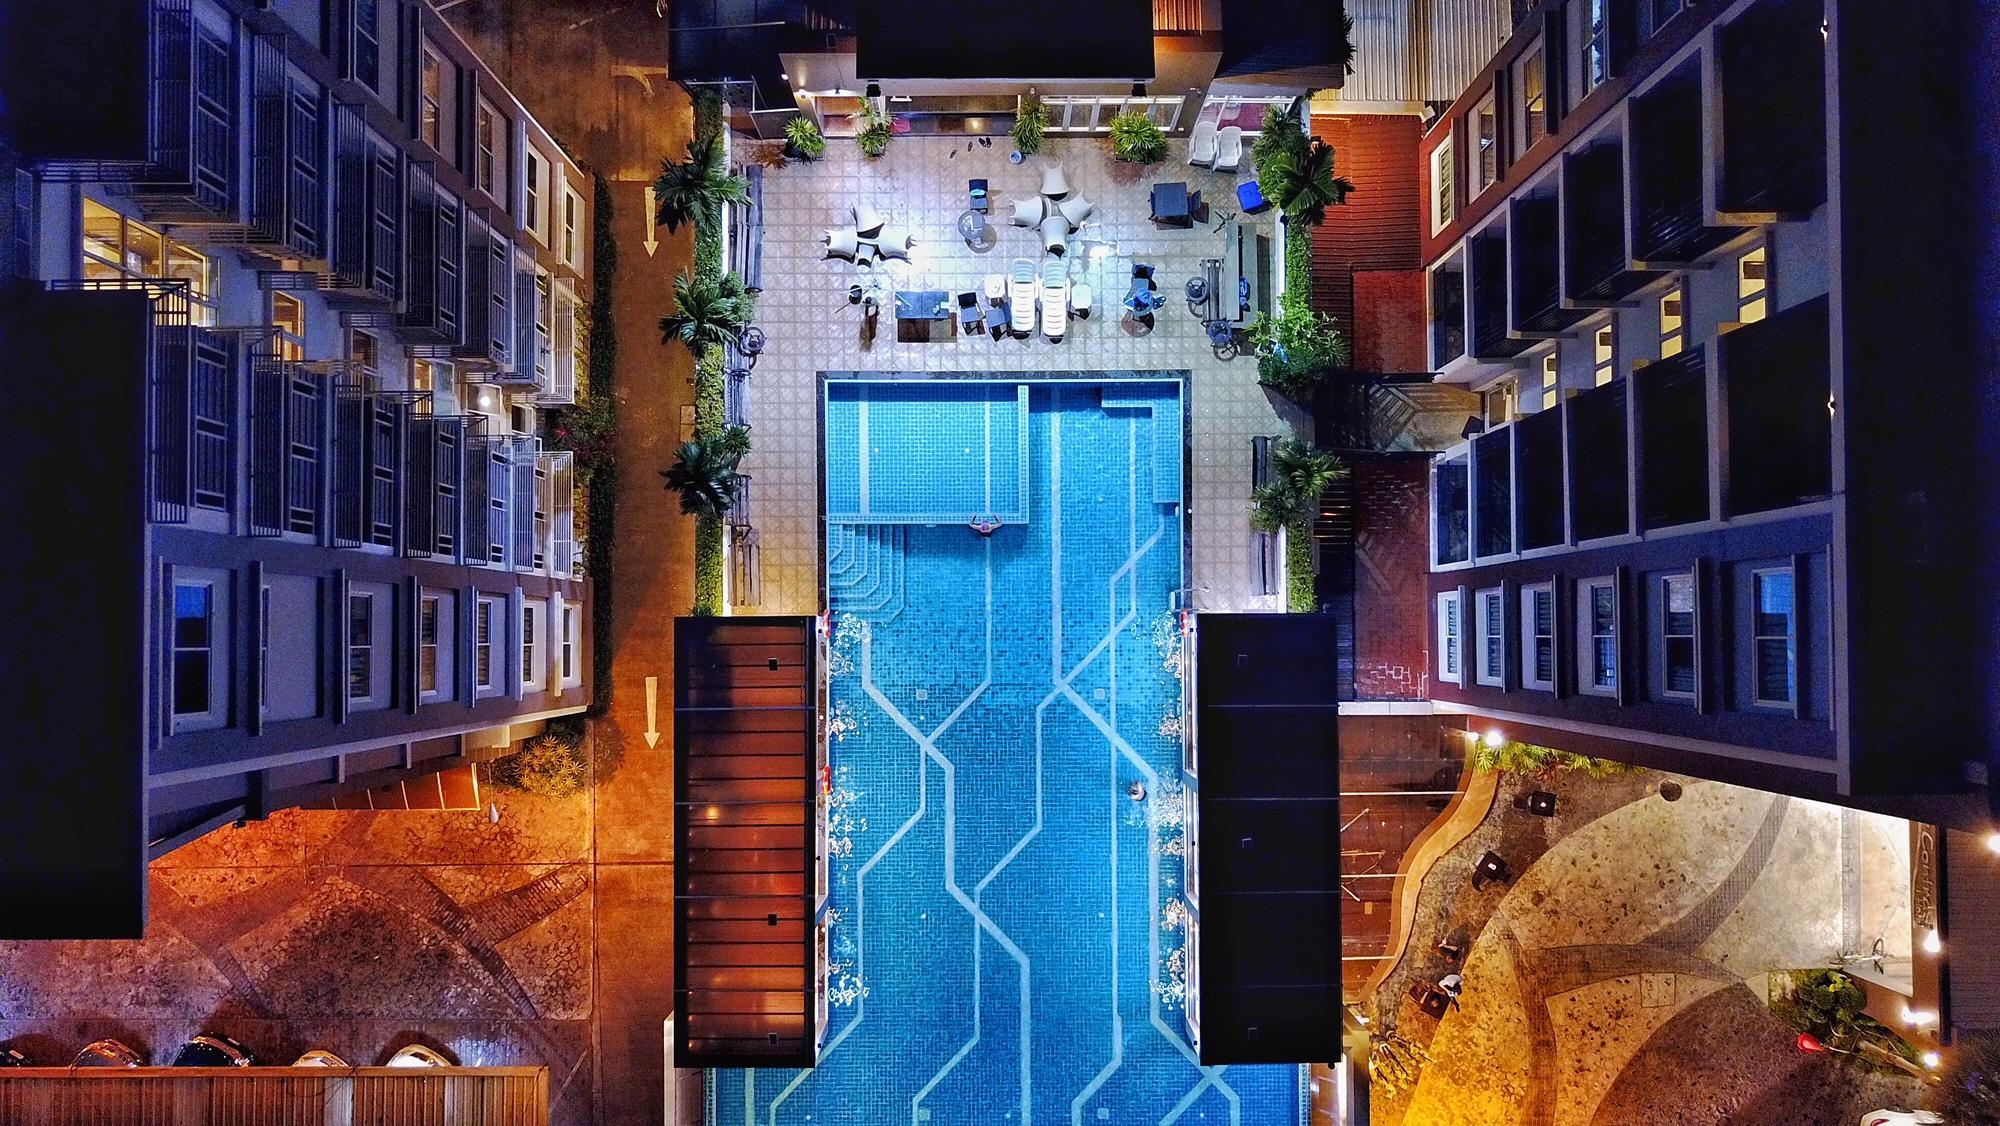 The Contrast i Hotel โรงแรมเดอะ คอนทรัสต์ ไอ